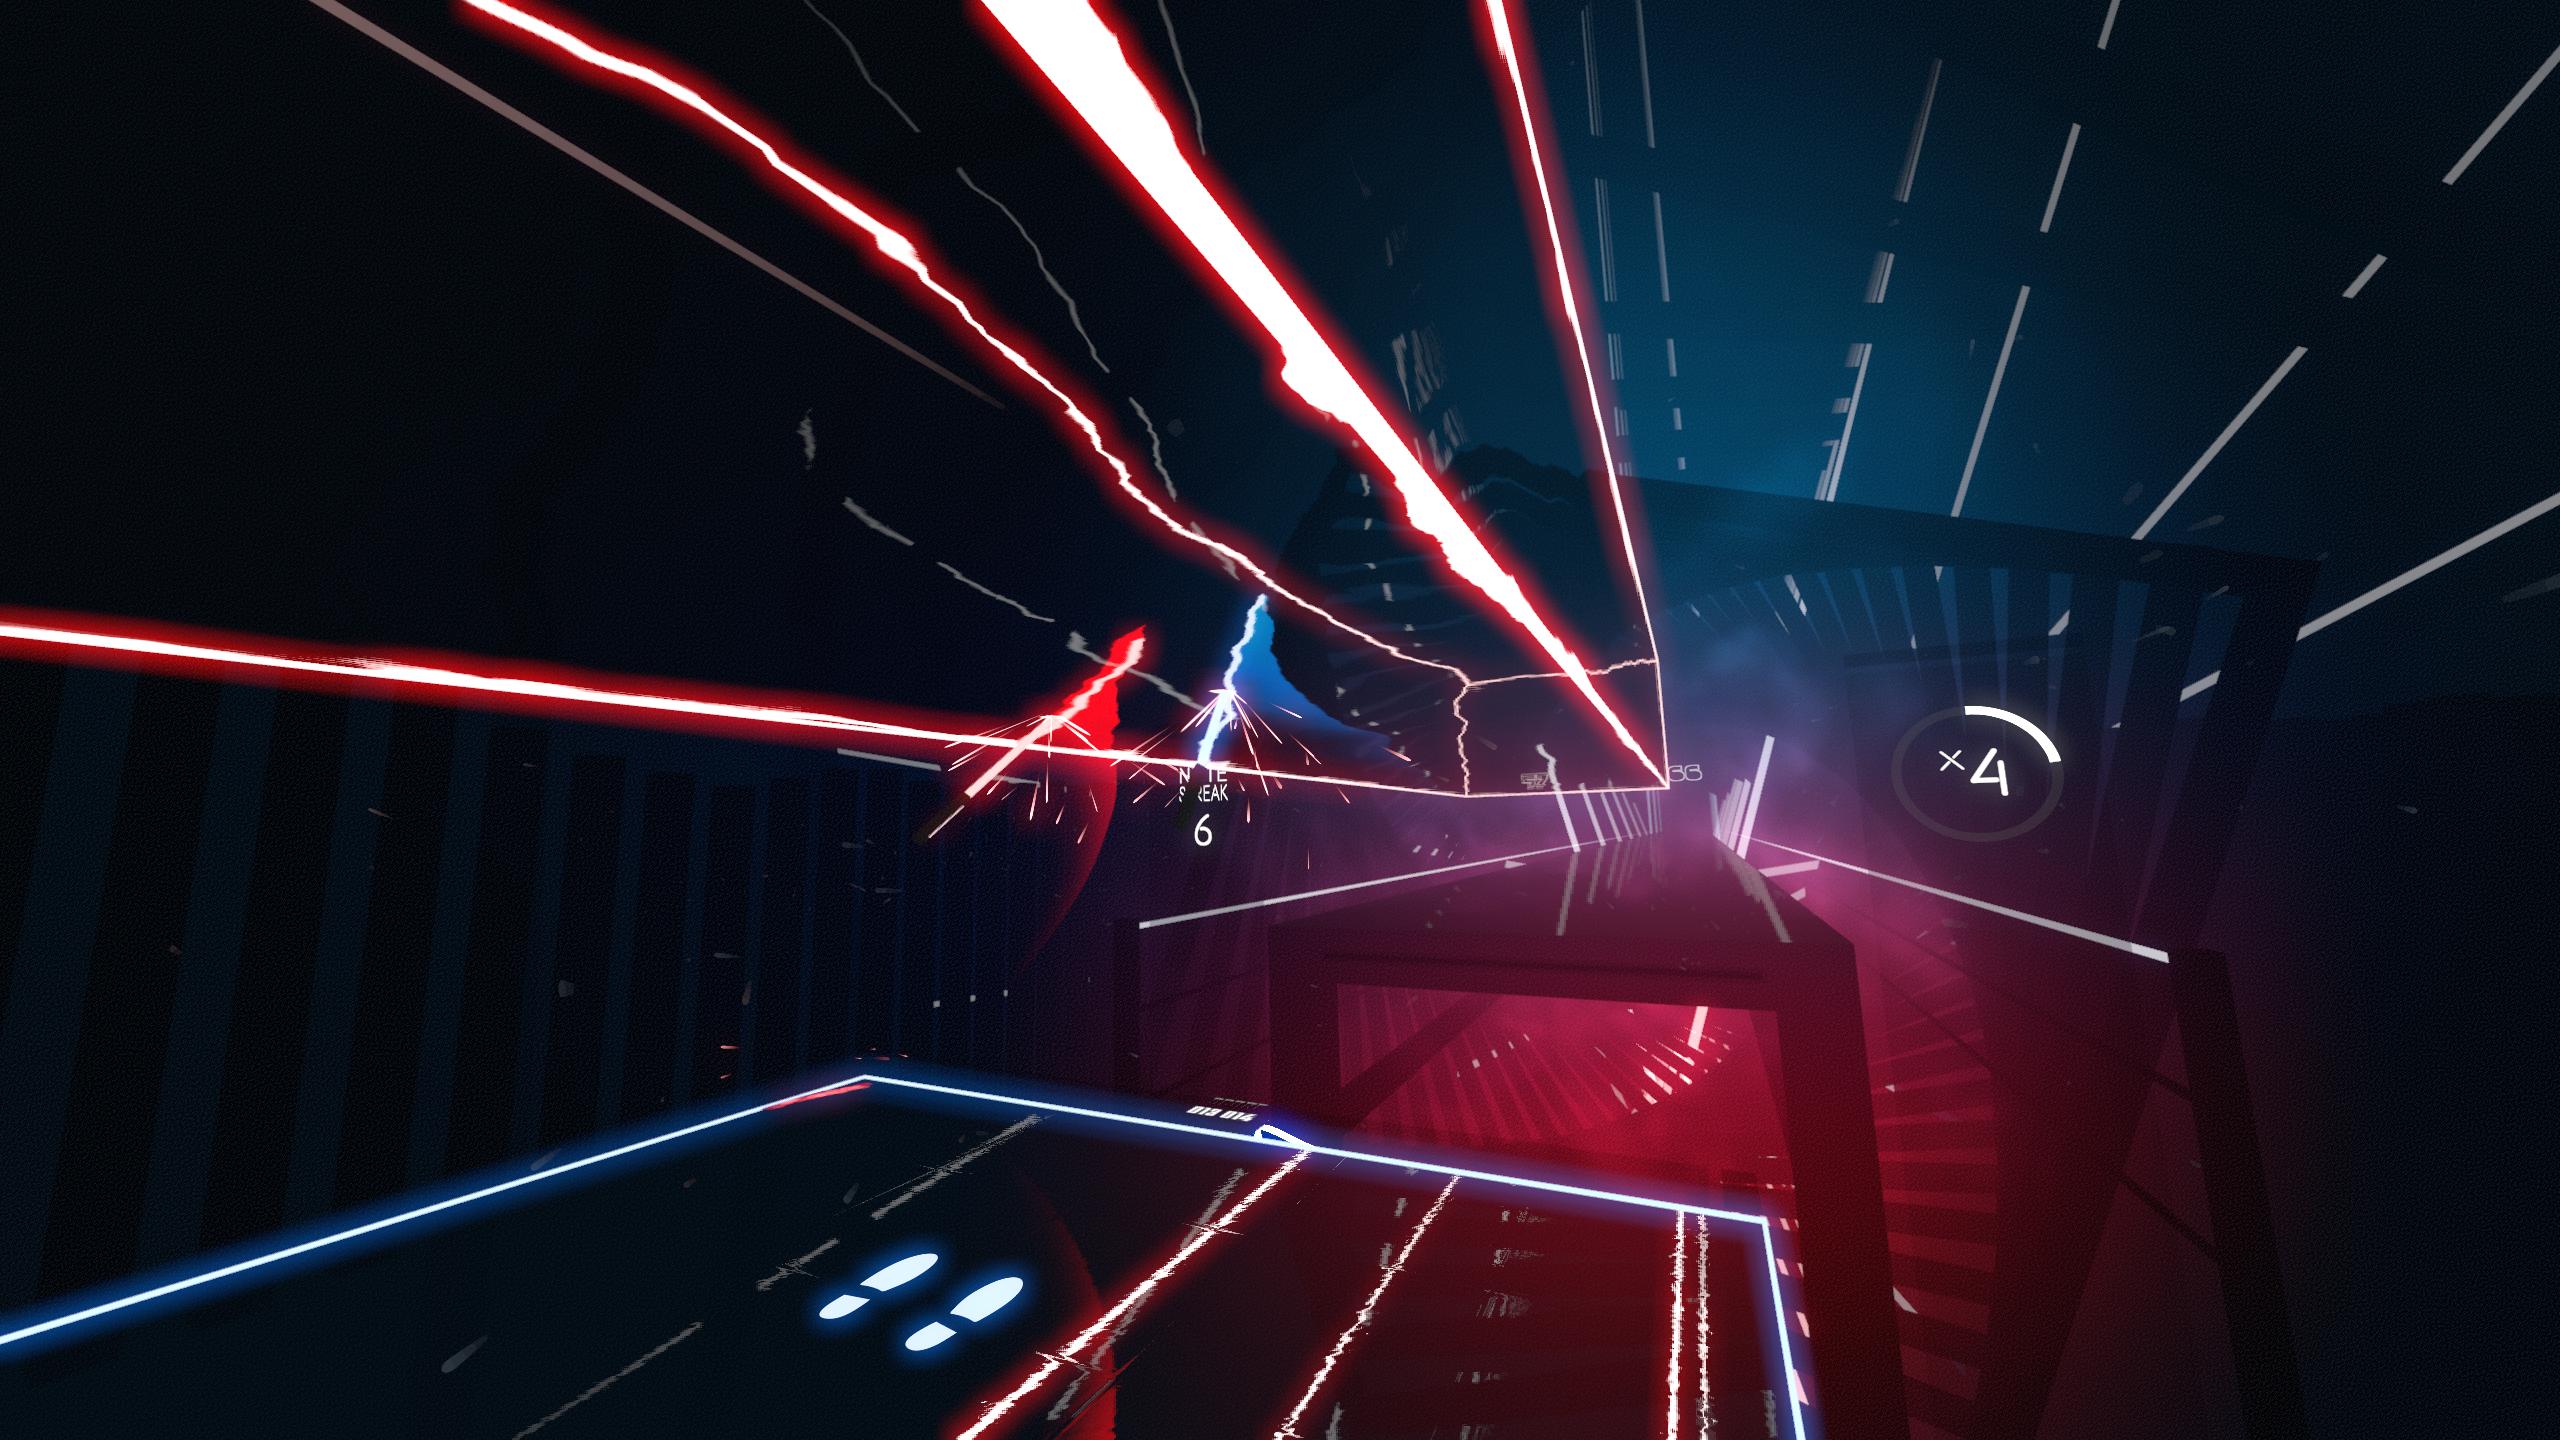 Beat Saber Wallpapers Playstation Vr Beats Oculus Rift